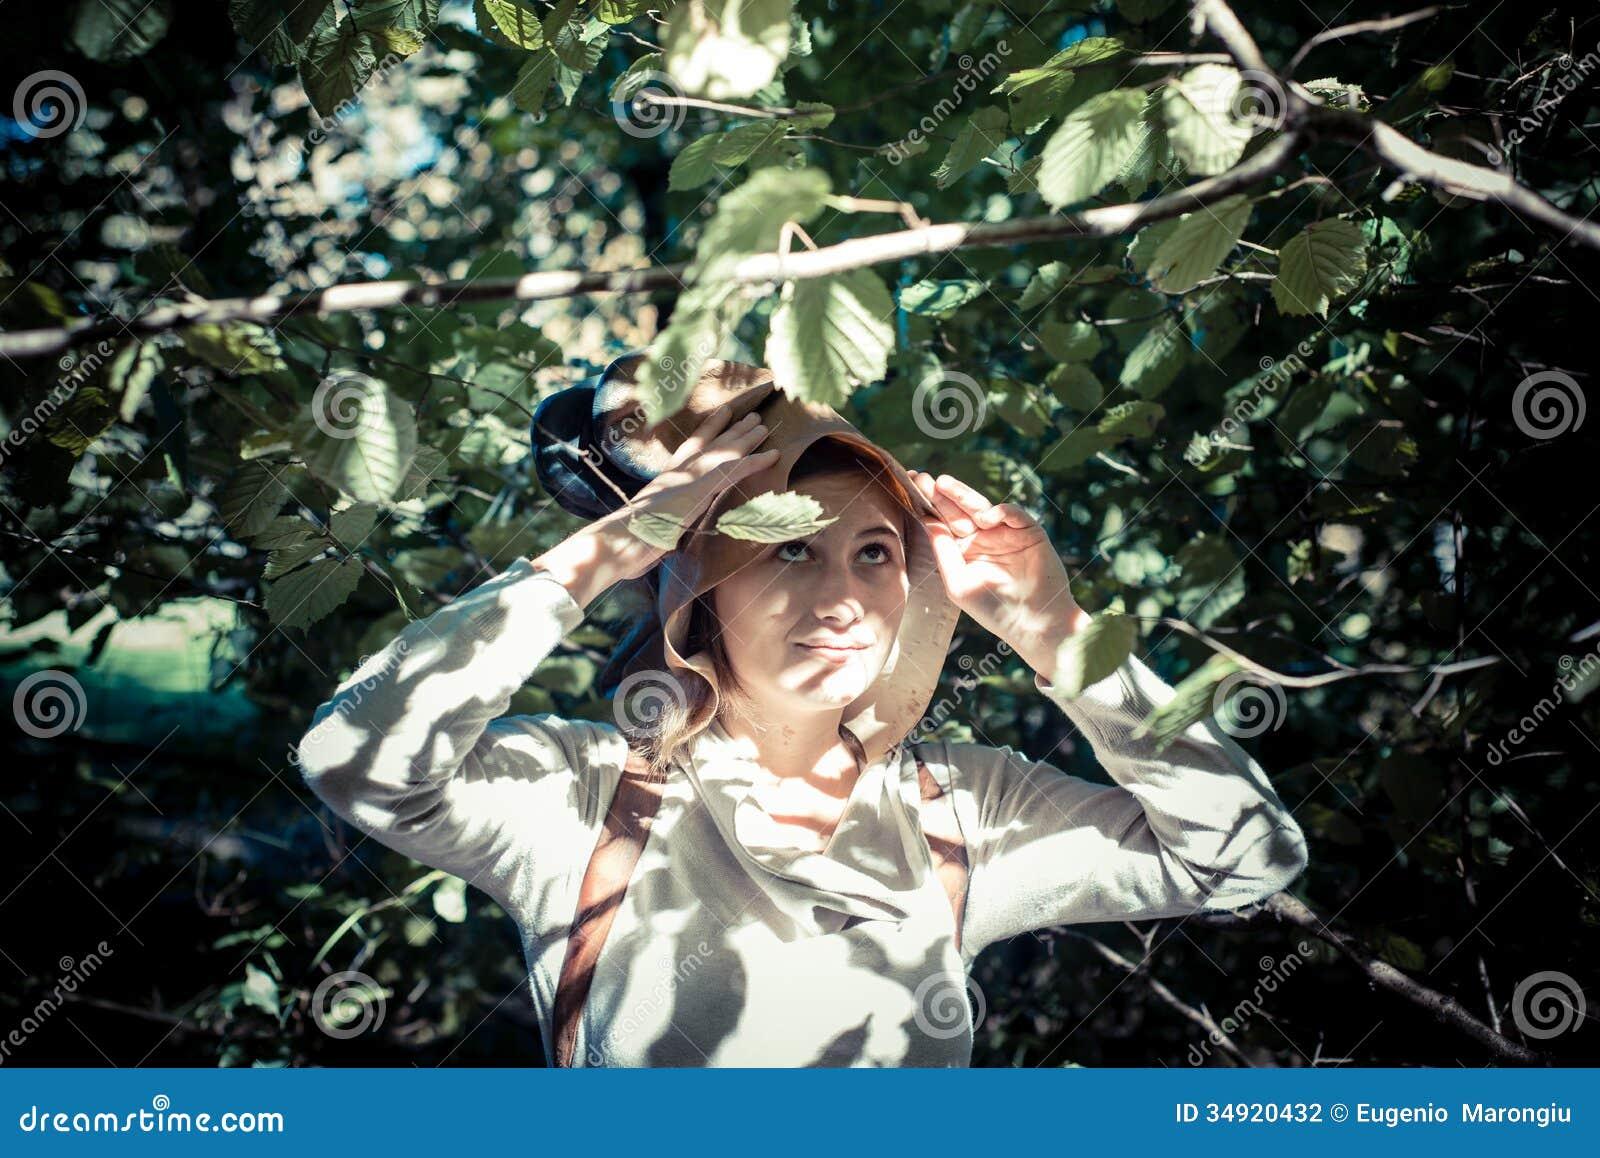 Stockfotografie blondes hippie mädchen im waldland